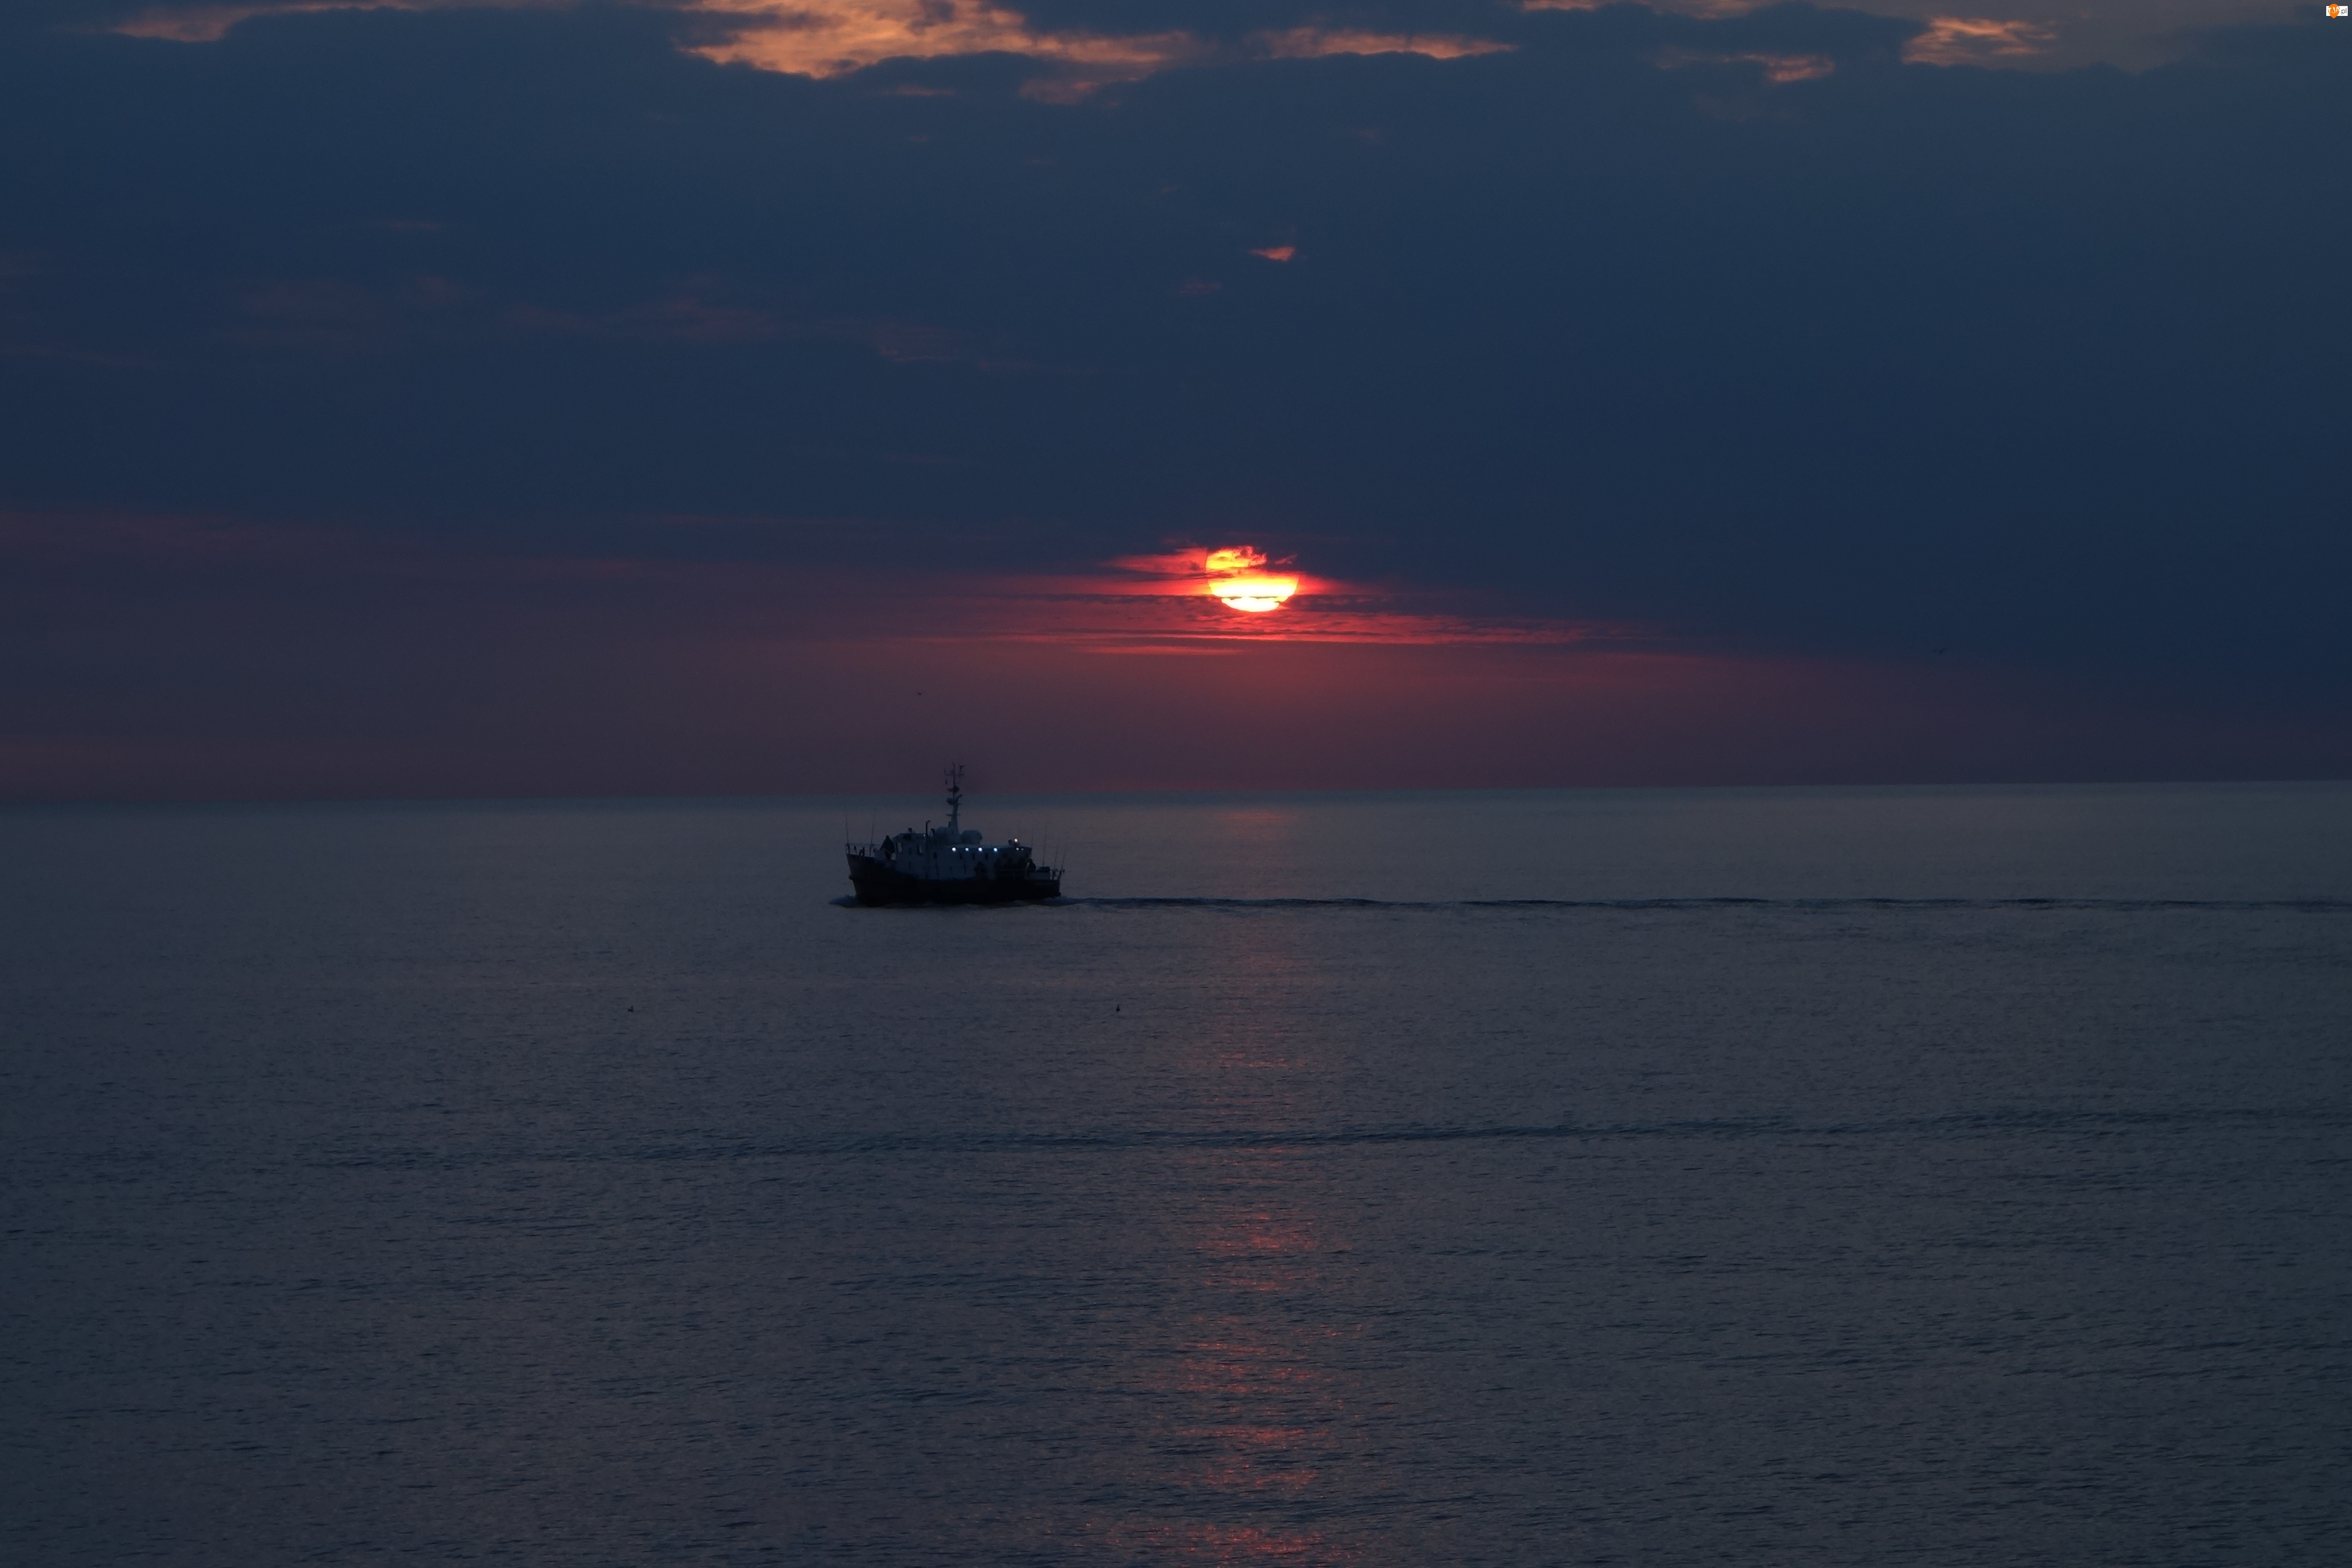 wędkowanie z kutra, Wschód, morze